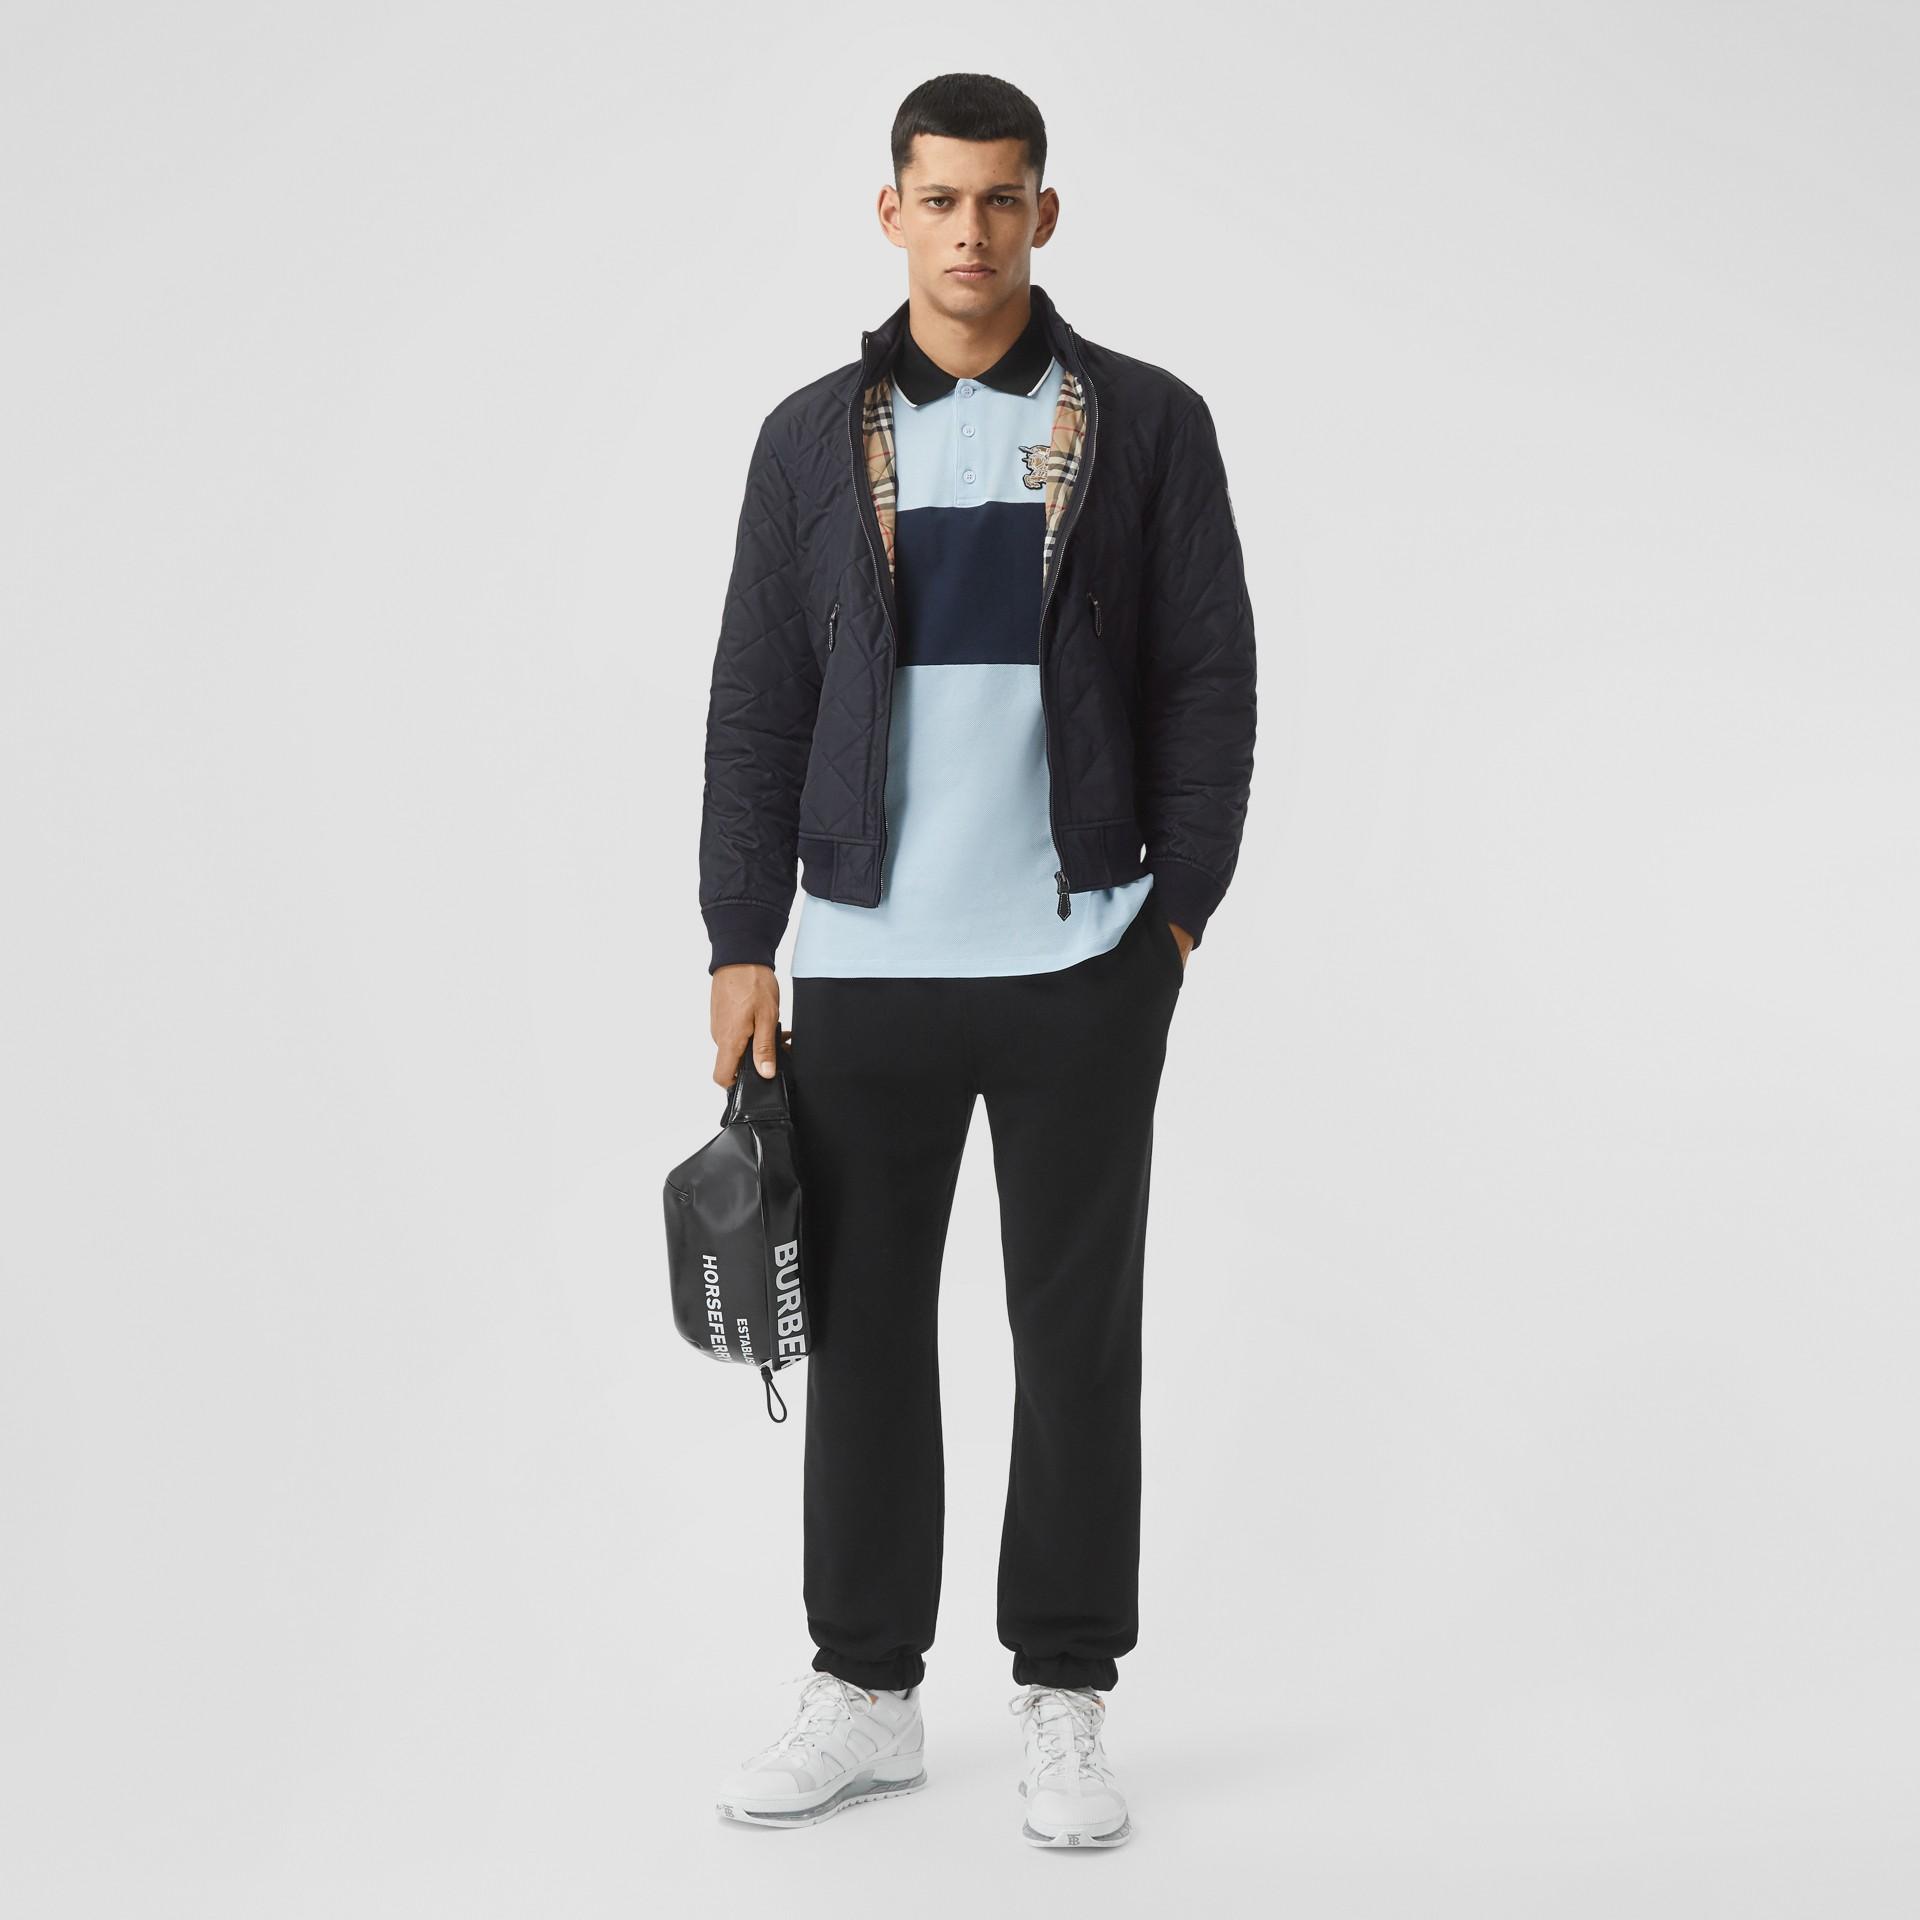 다이아몬드 퀼팅 체온조절 재킷 (네이비) - 남성 | Burberry - 갤러리 이미지 5